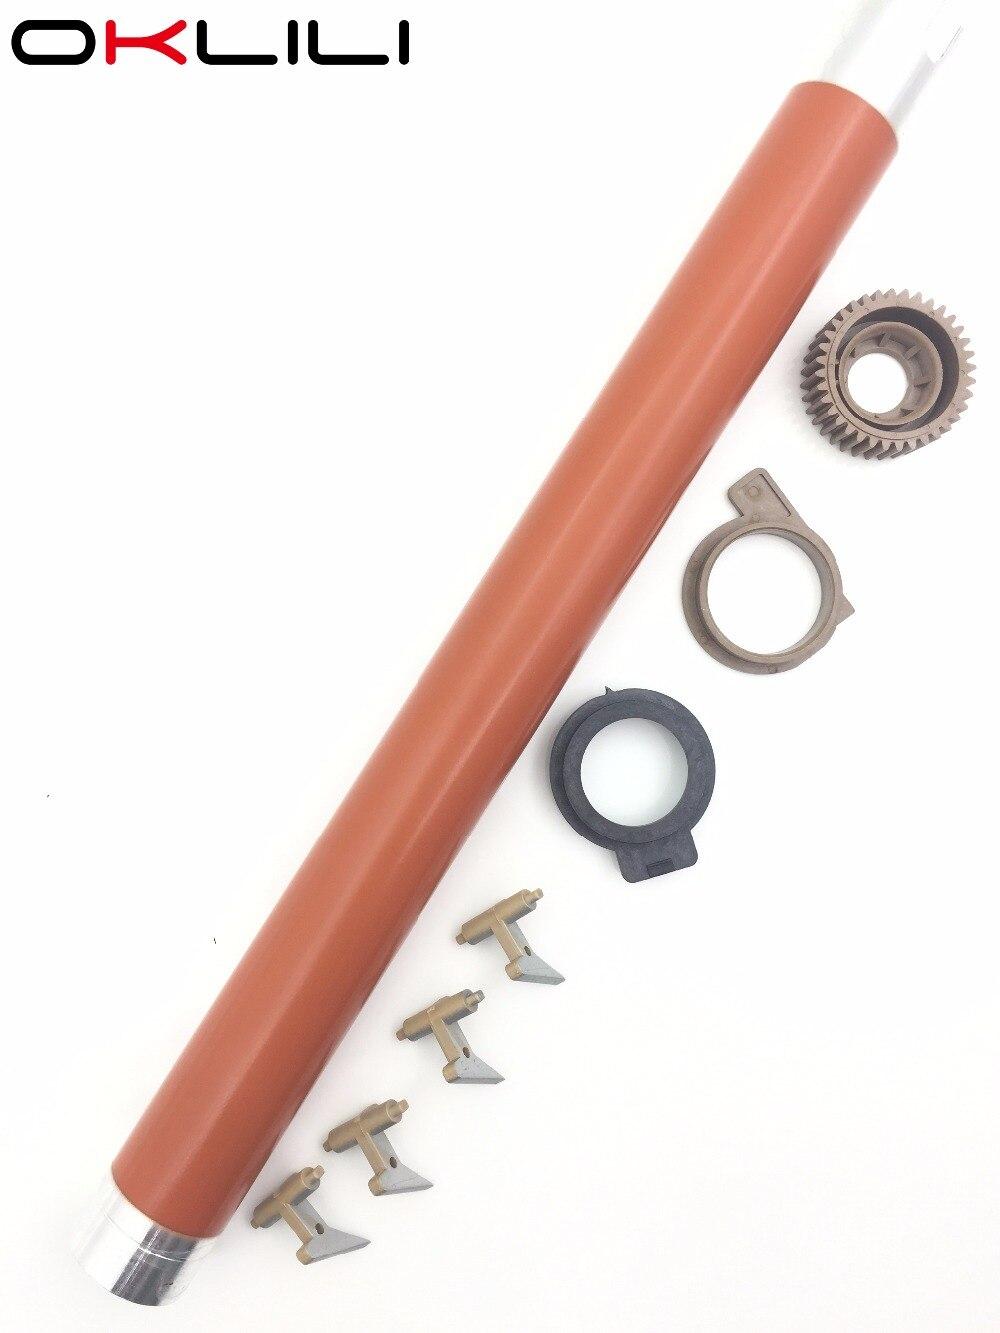 Upper Heat Roller Bushing Gear Finger for Kyocera FS1028 FS1128 FS1350 FS2000 KM2810 KM2820 2BR20180 2BR20200